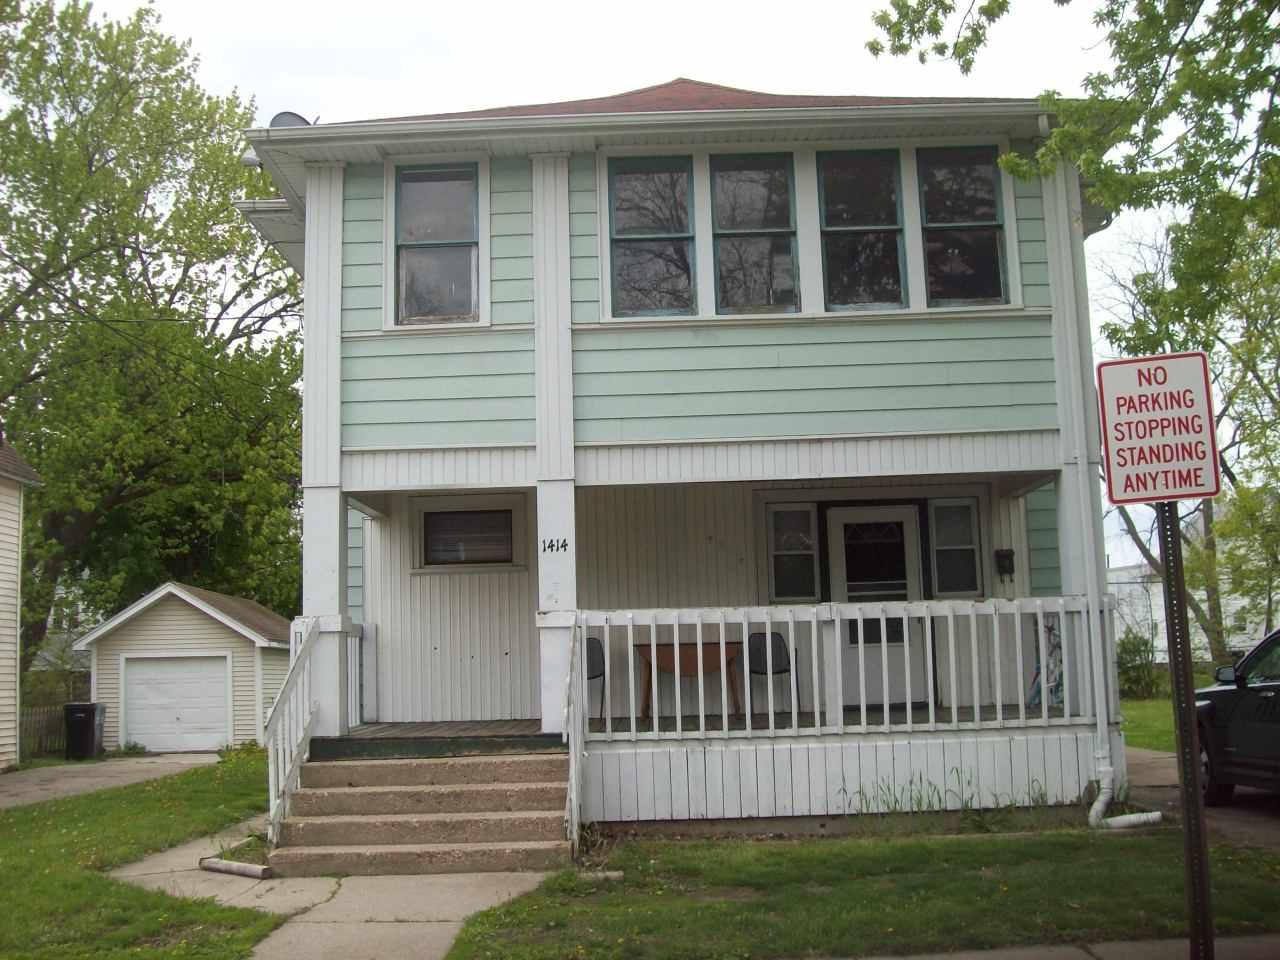 1414 Porter Ave, Beloit, WI 53511